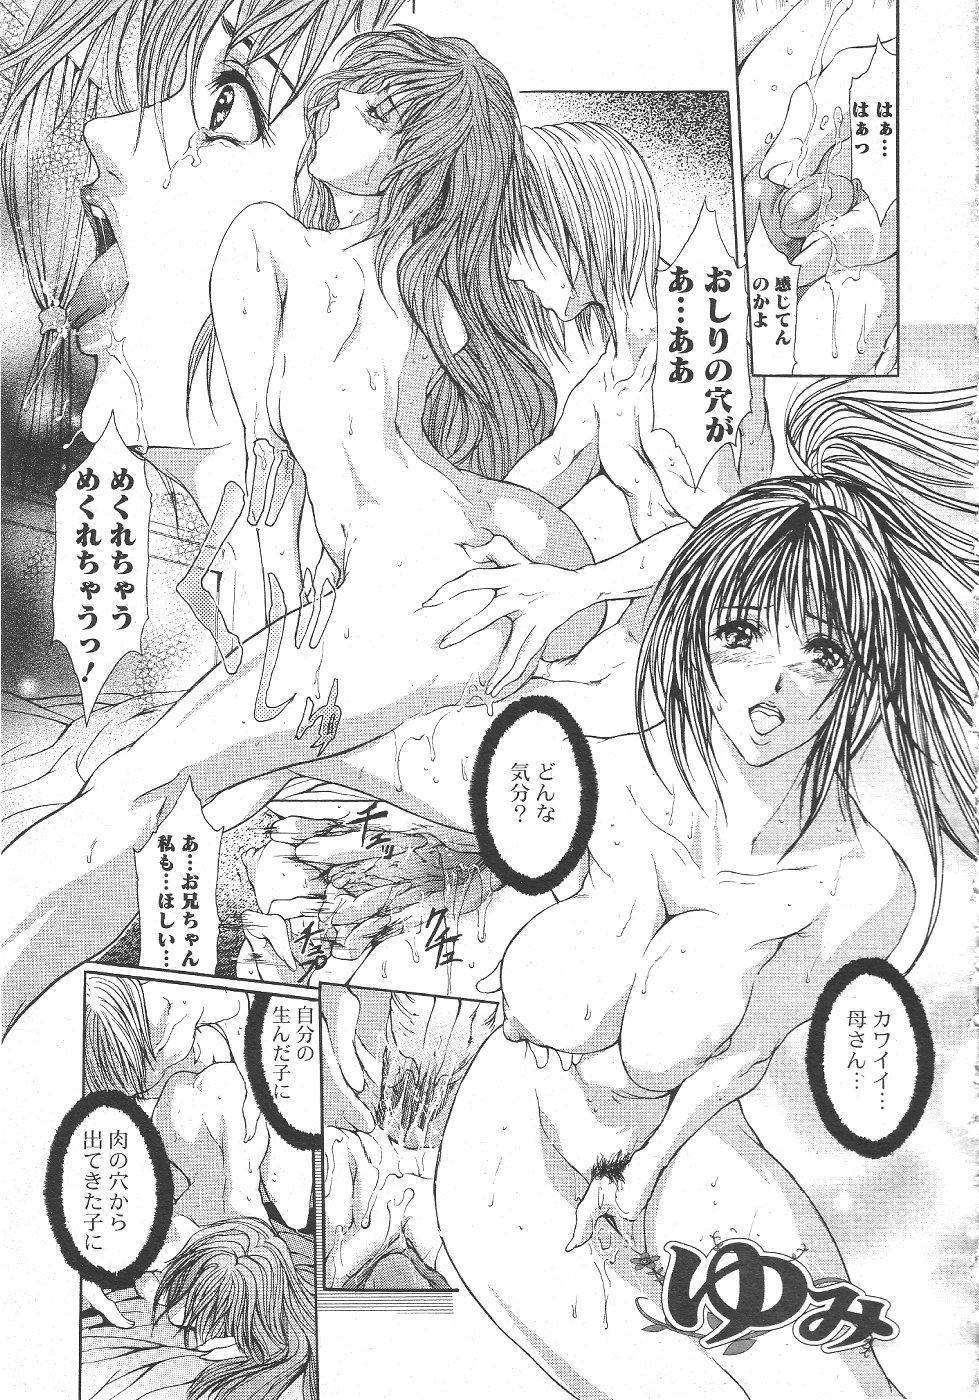 Gekkan Comic Muga 2004-06 Vol.10 104